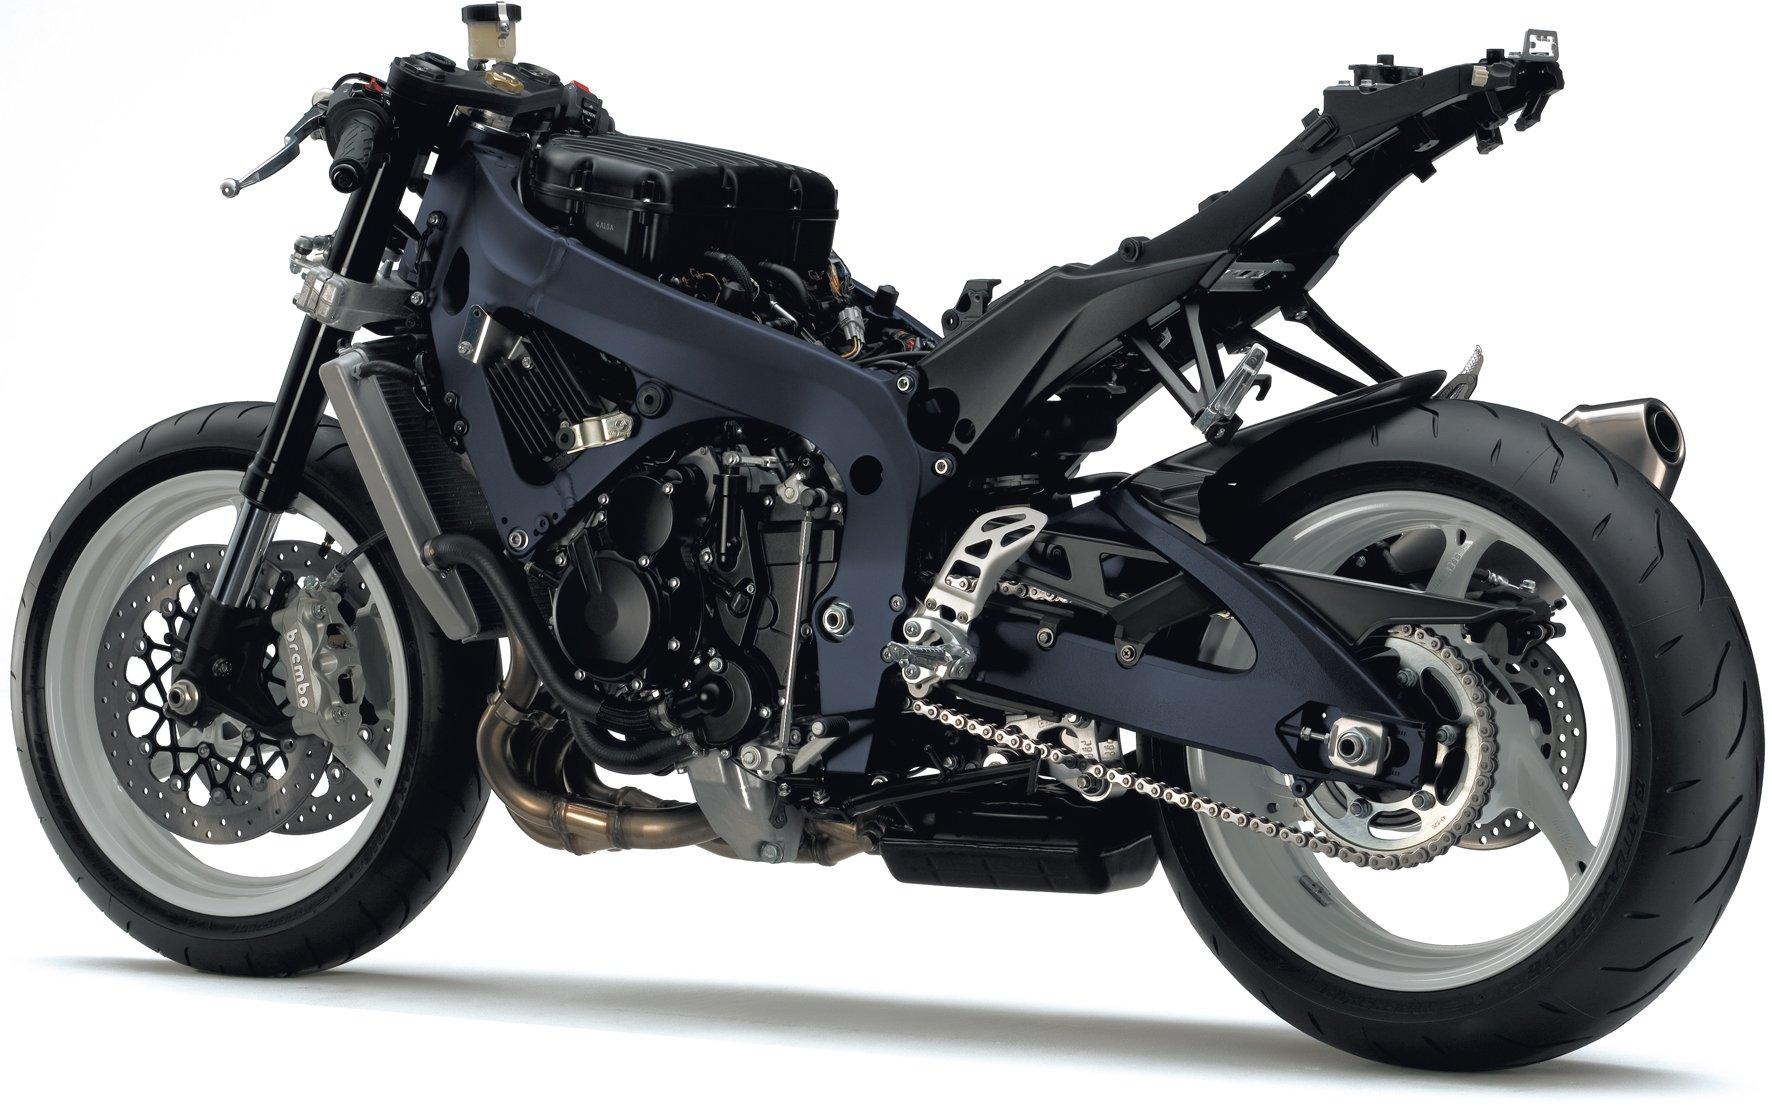 Suzuki GSX-R 600 - Test, Gebrauchte, Baujahre